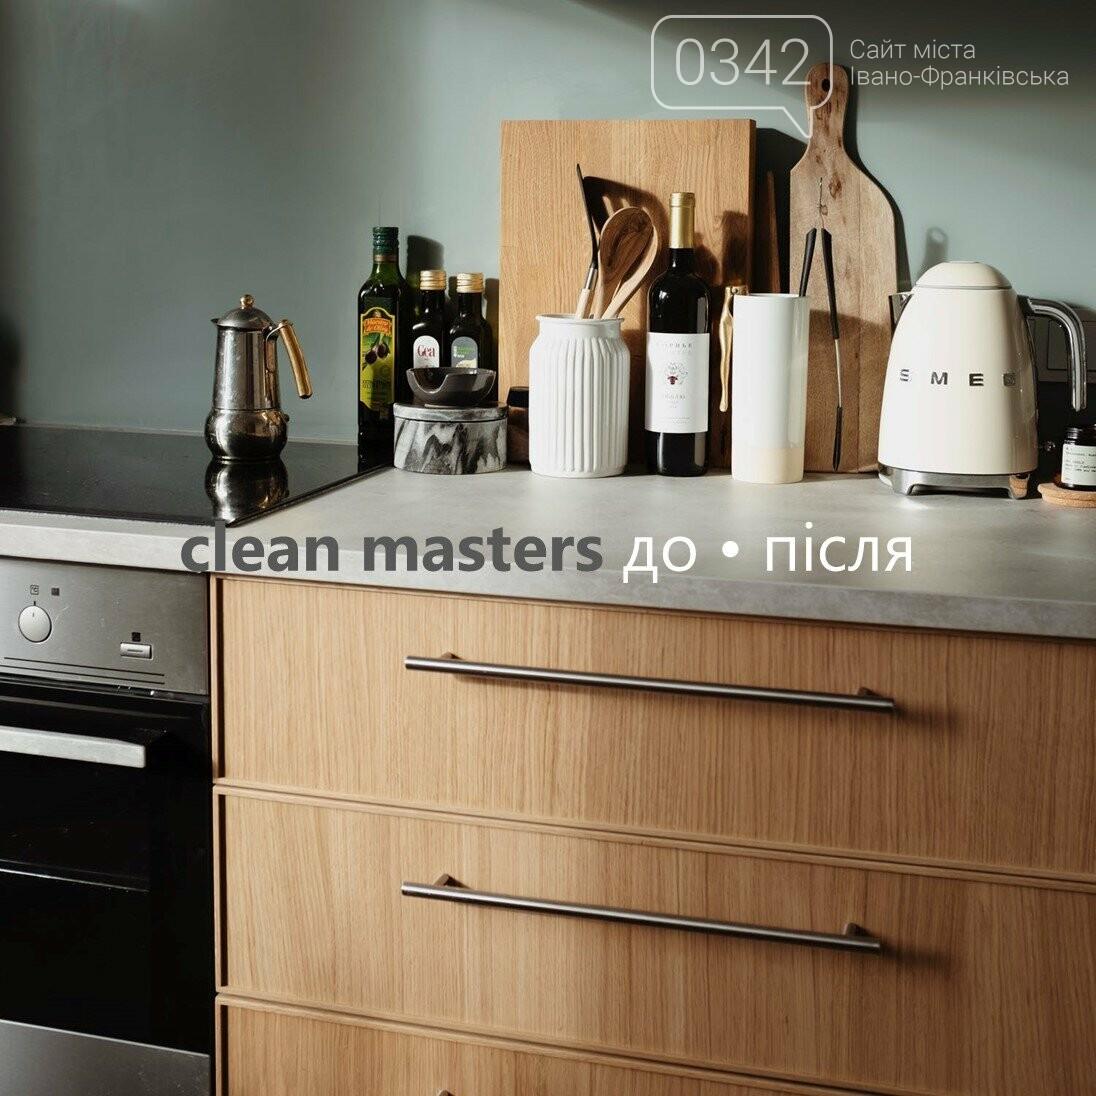 Як швидко організувати прибирання квартири?, фото-2